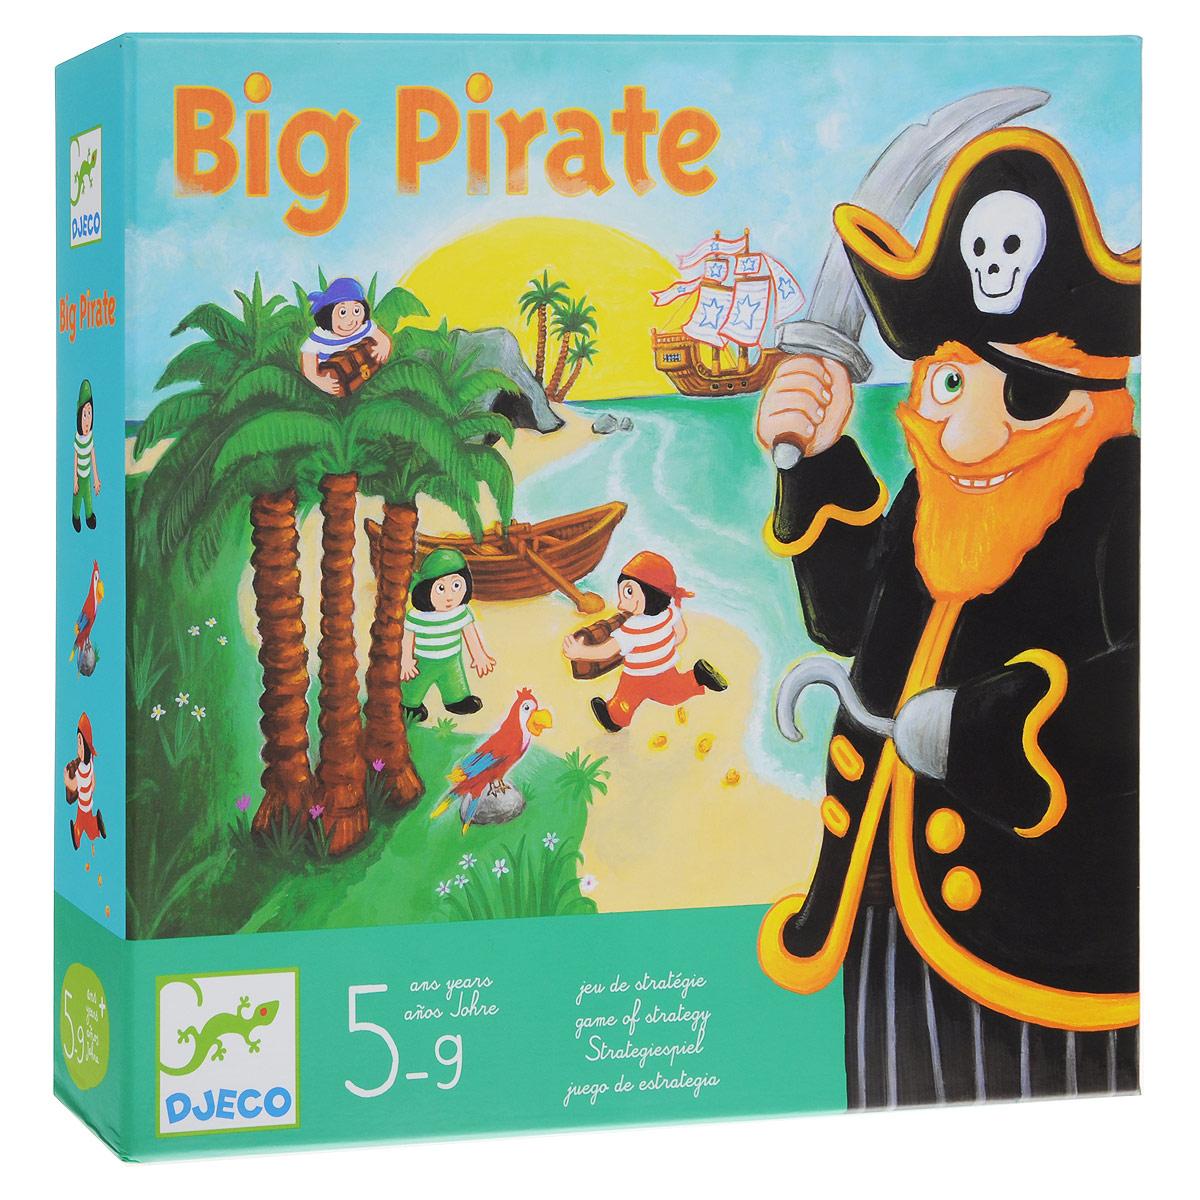 Настольная игра Djeco Большой пират08423Настольная игра Djeco Большой пират. Мы не знаем, могут ли юнги украсть сокровища Большого пирата? Юнге нужно постараться захватить сундук с сокровищами, запрятанный в пещере пирата и донести его до лодки. Вашему малышу понравится играть в маленького юнгу. Ваш ребёнок откроет в себе новые таланты, и разовьет творческое мышление.